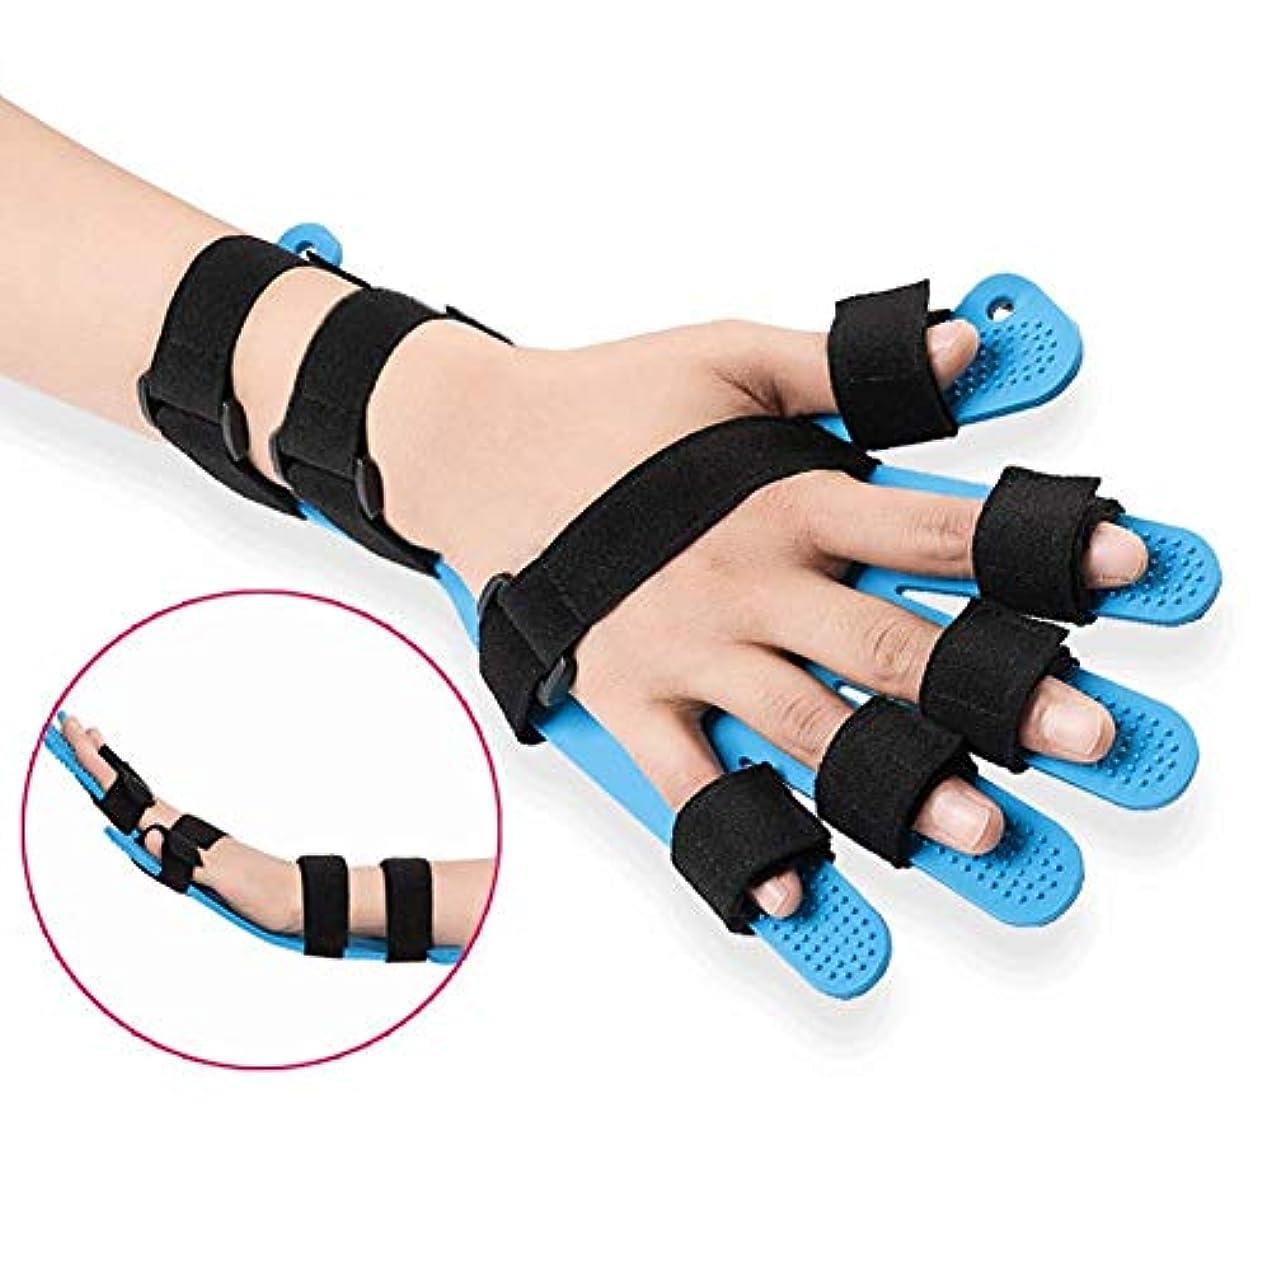 不毛の足毎回スプリント指の指セパレーターHemiplegiaStroke手指インソールポイント指スプリントトレーニングトリガーの手の手首の装具別のデバイスを指